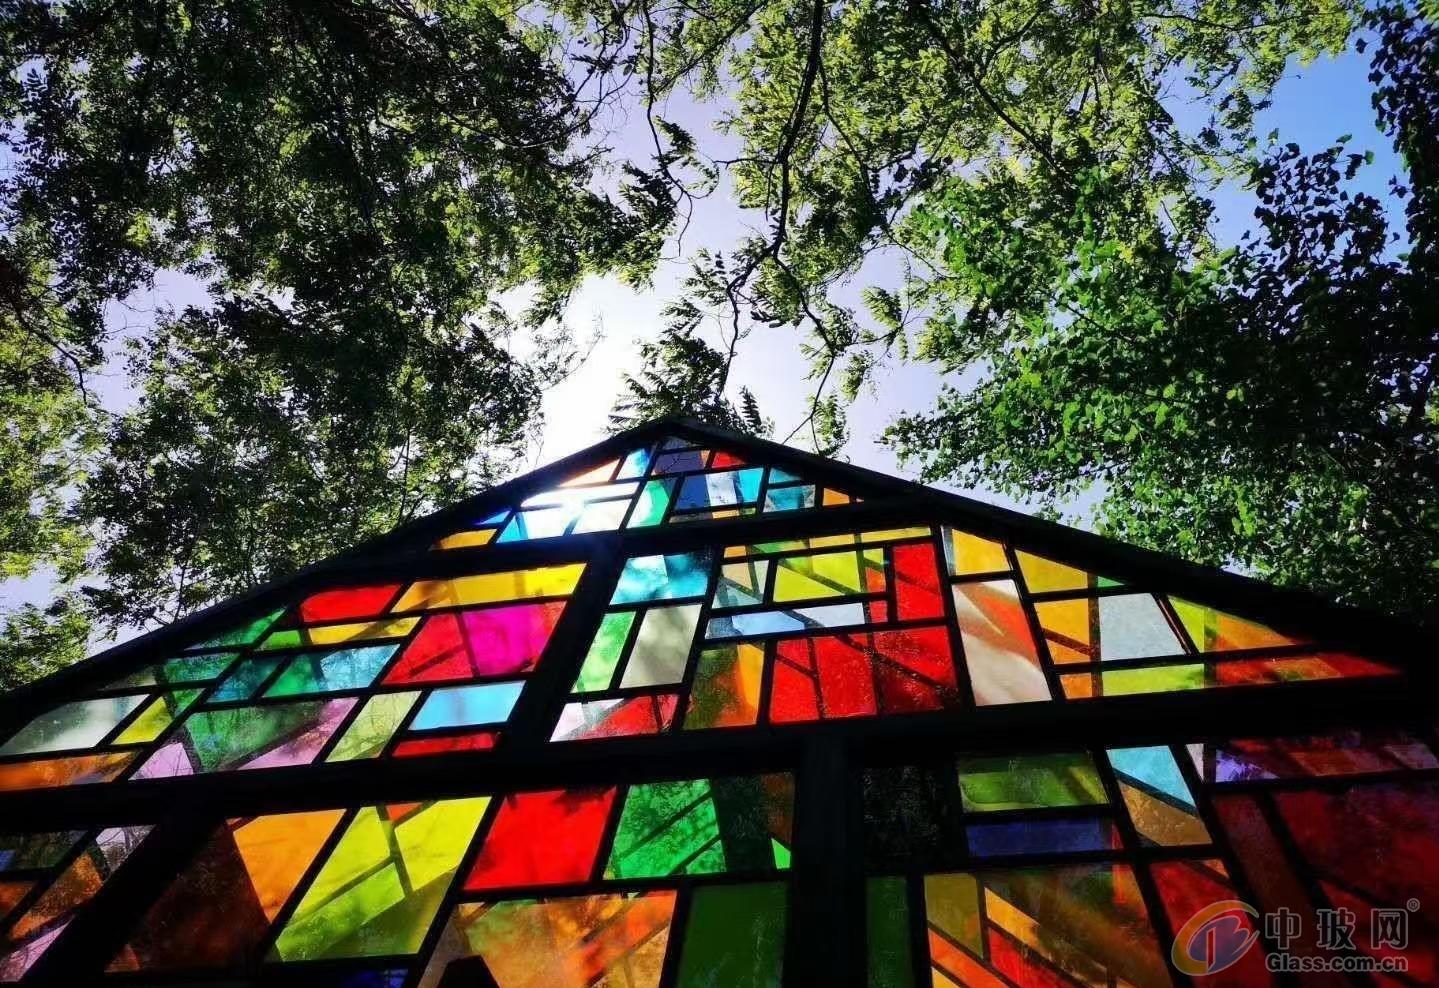 彩色玻璃、艺术玻璃、有色玻璃、镀膜玻璃、数码打印玻璃、图案玻璃、彩釉玻璃